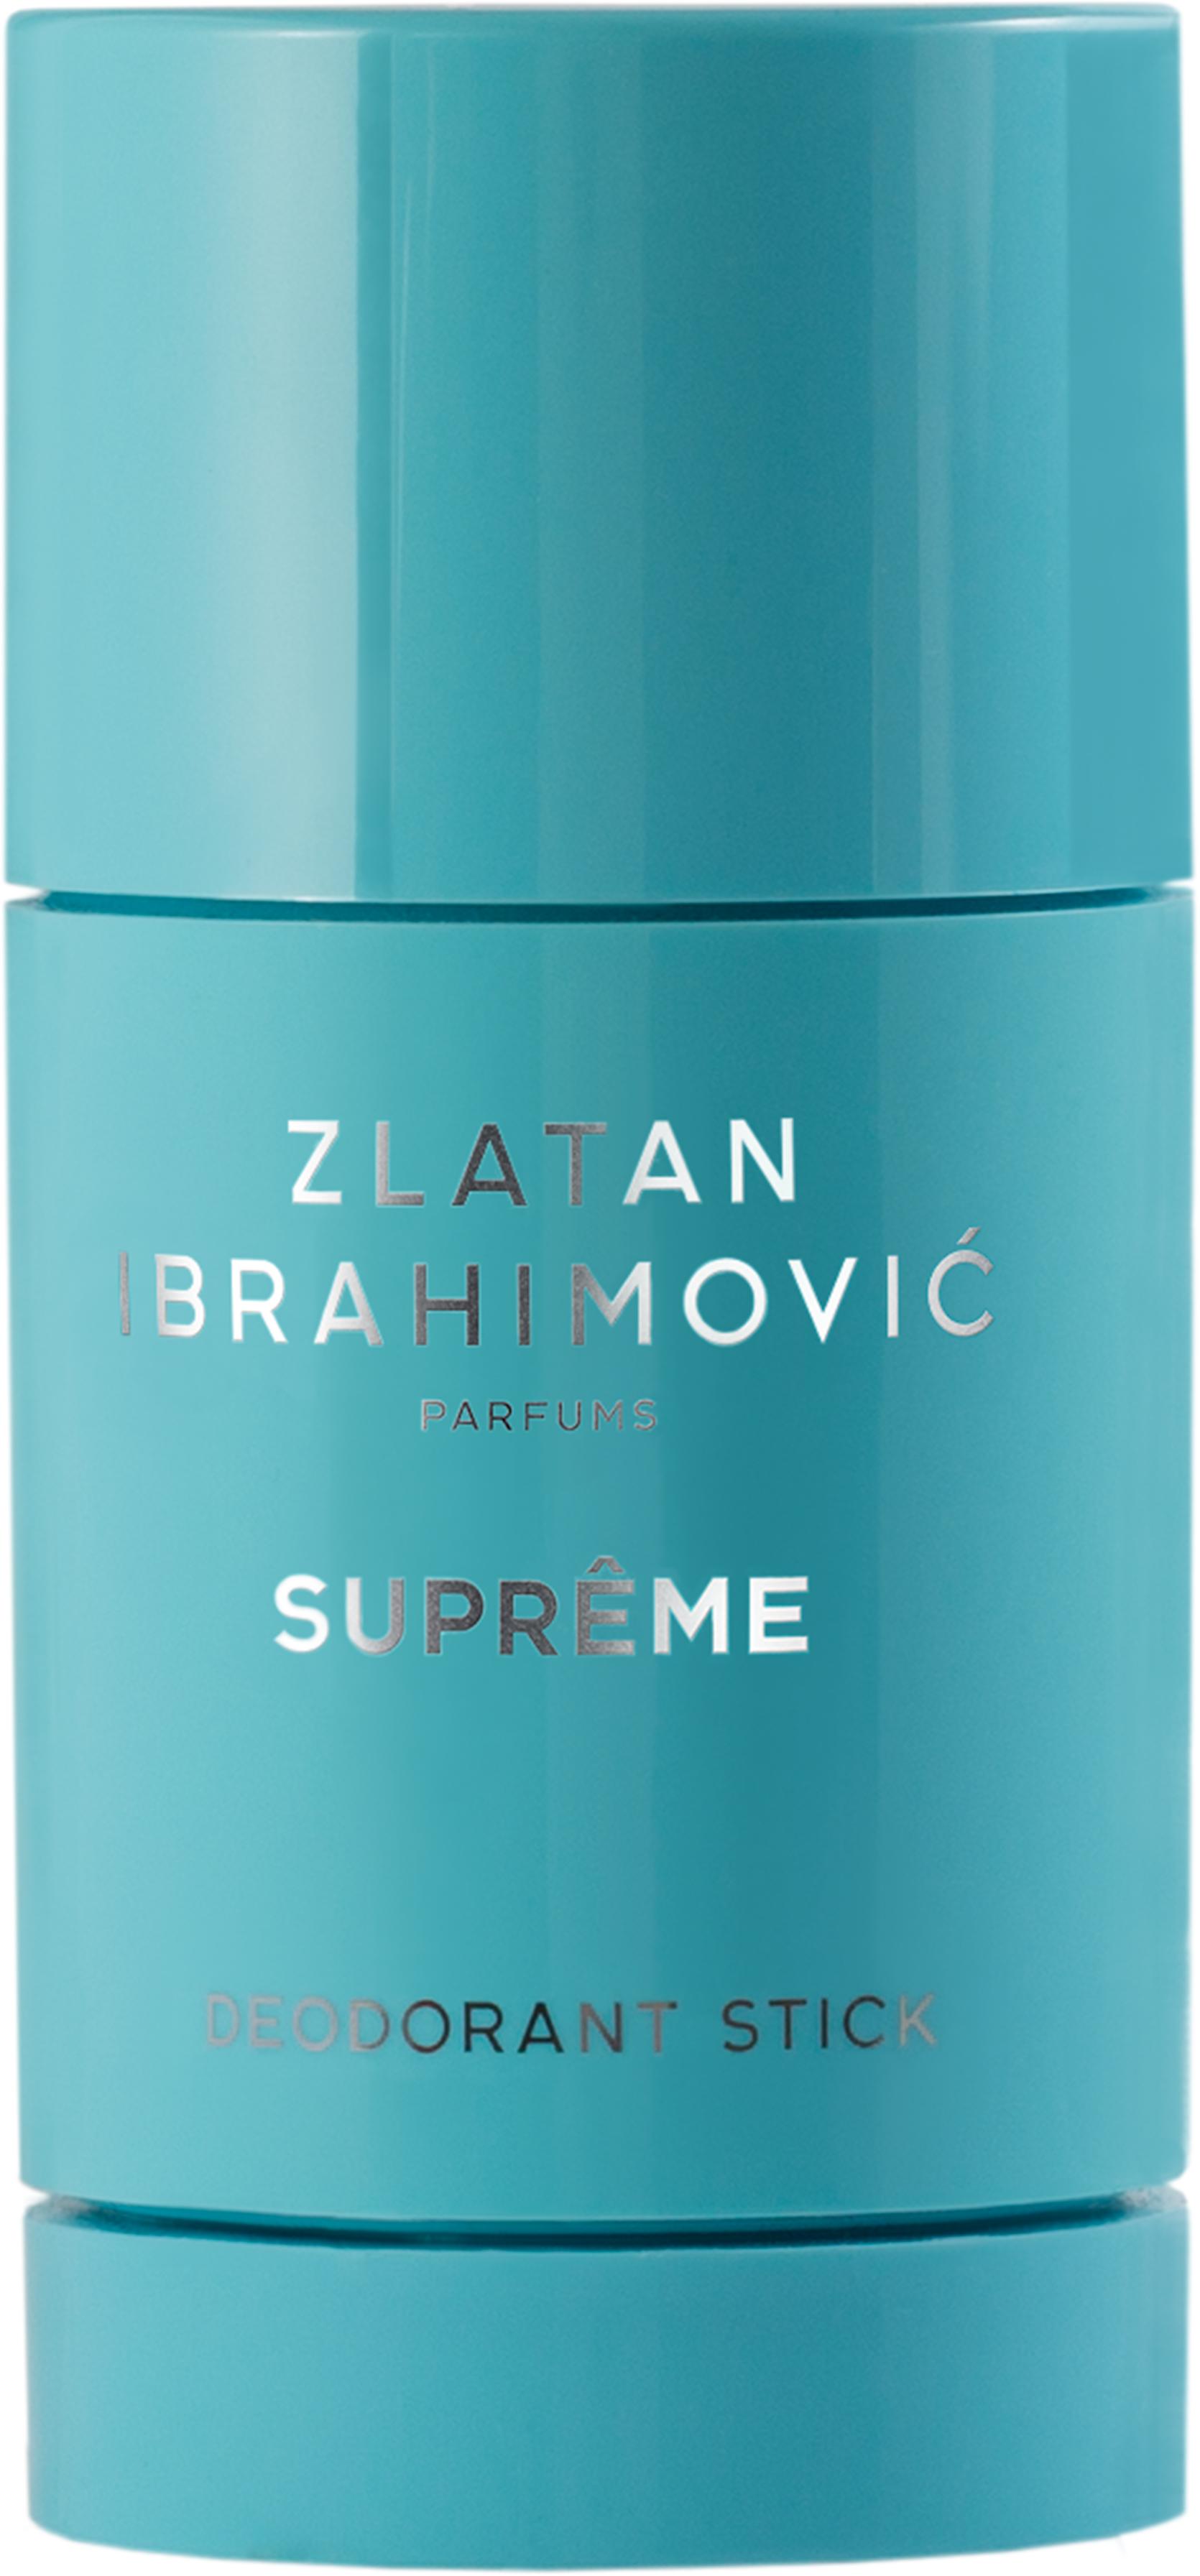 Zlatan Ibrahimovic Supreme Pour Homme Edt 50ml | Supreme